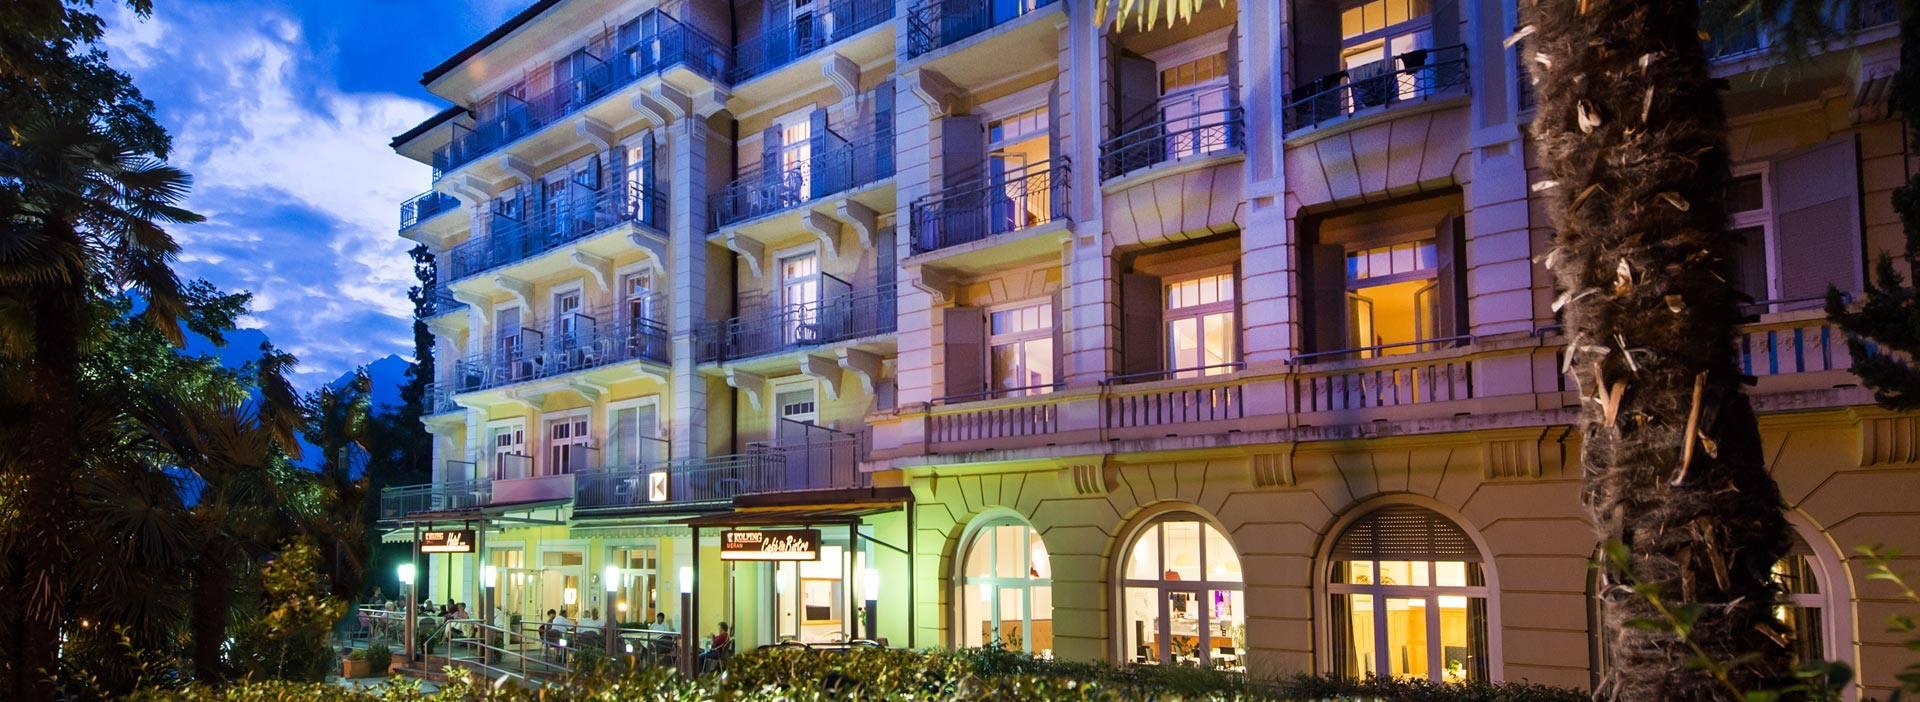 Hotel Kolping Meran